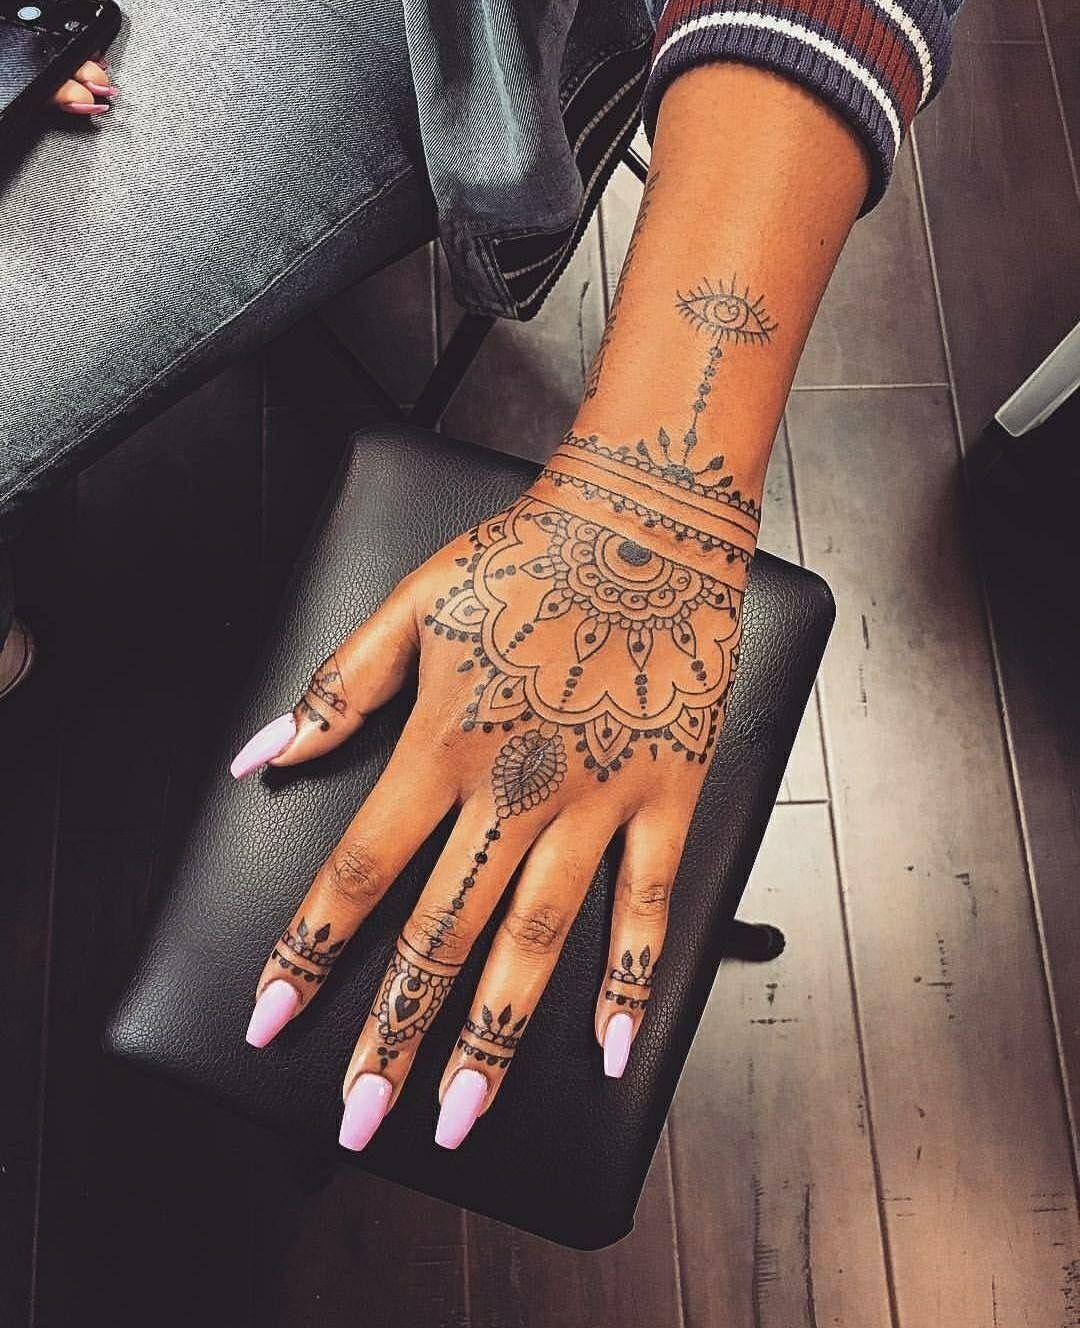 Pin De Coco D En Riri Tatuaje Dedos Mano Tatuajes Tatuajes En Los Dedos